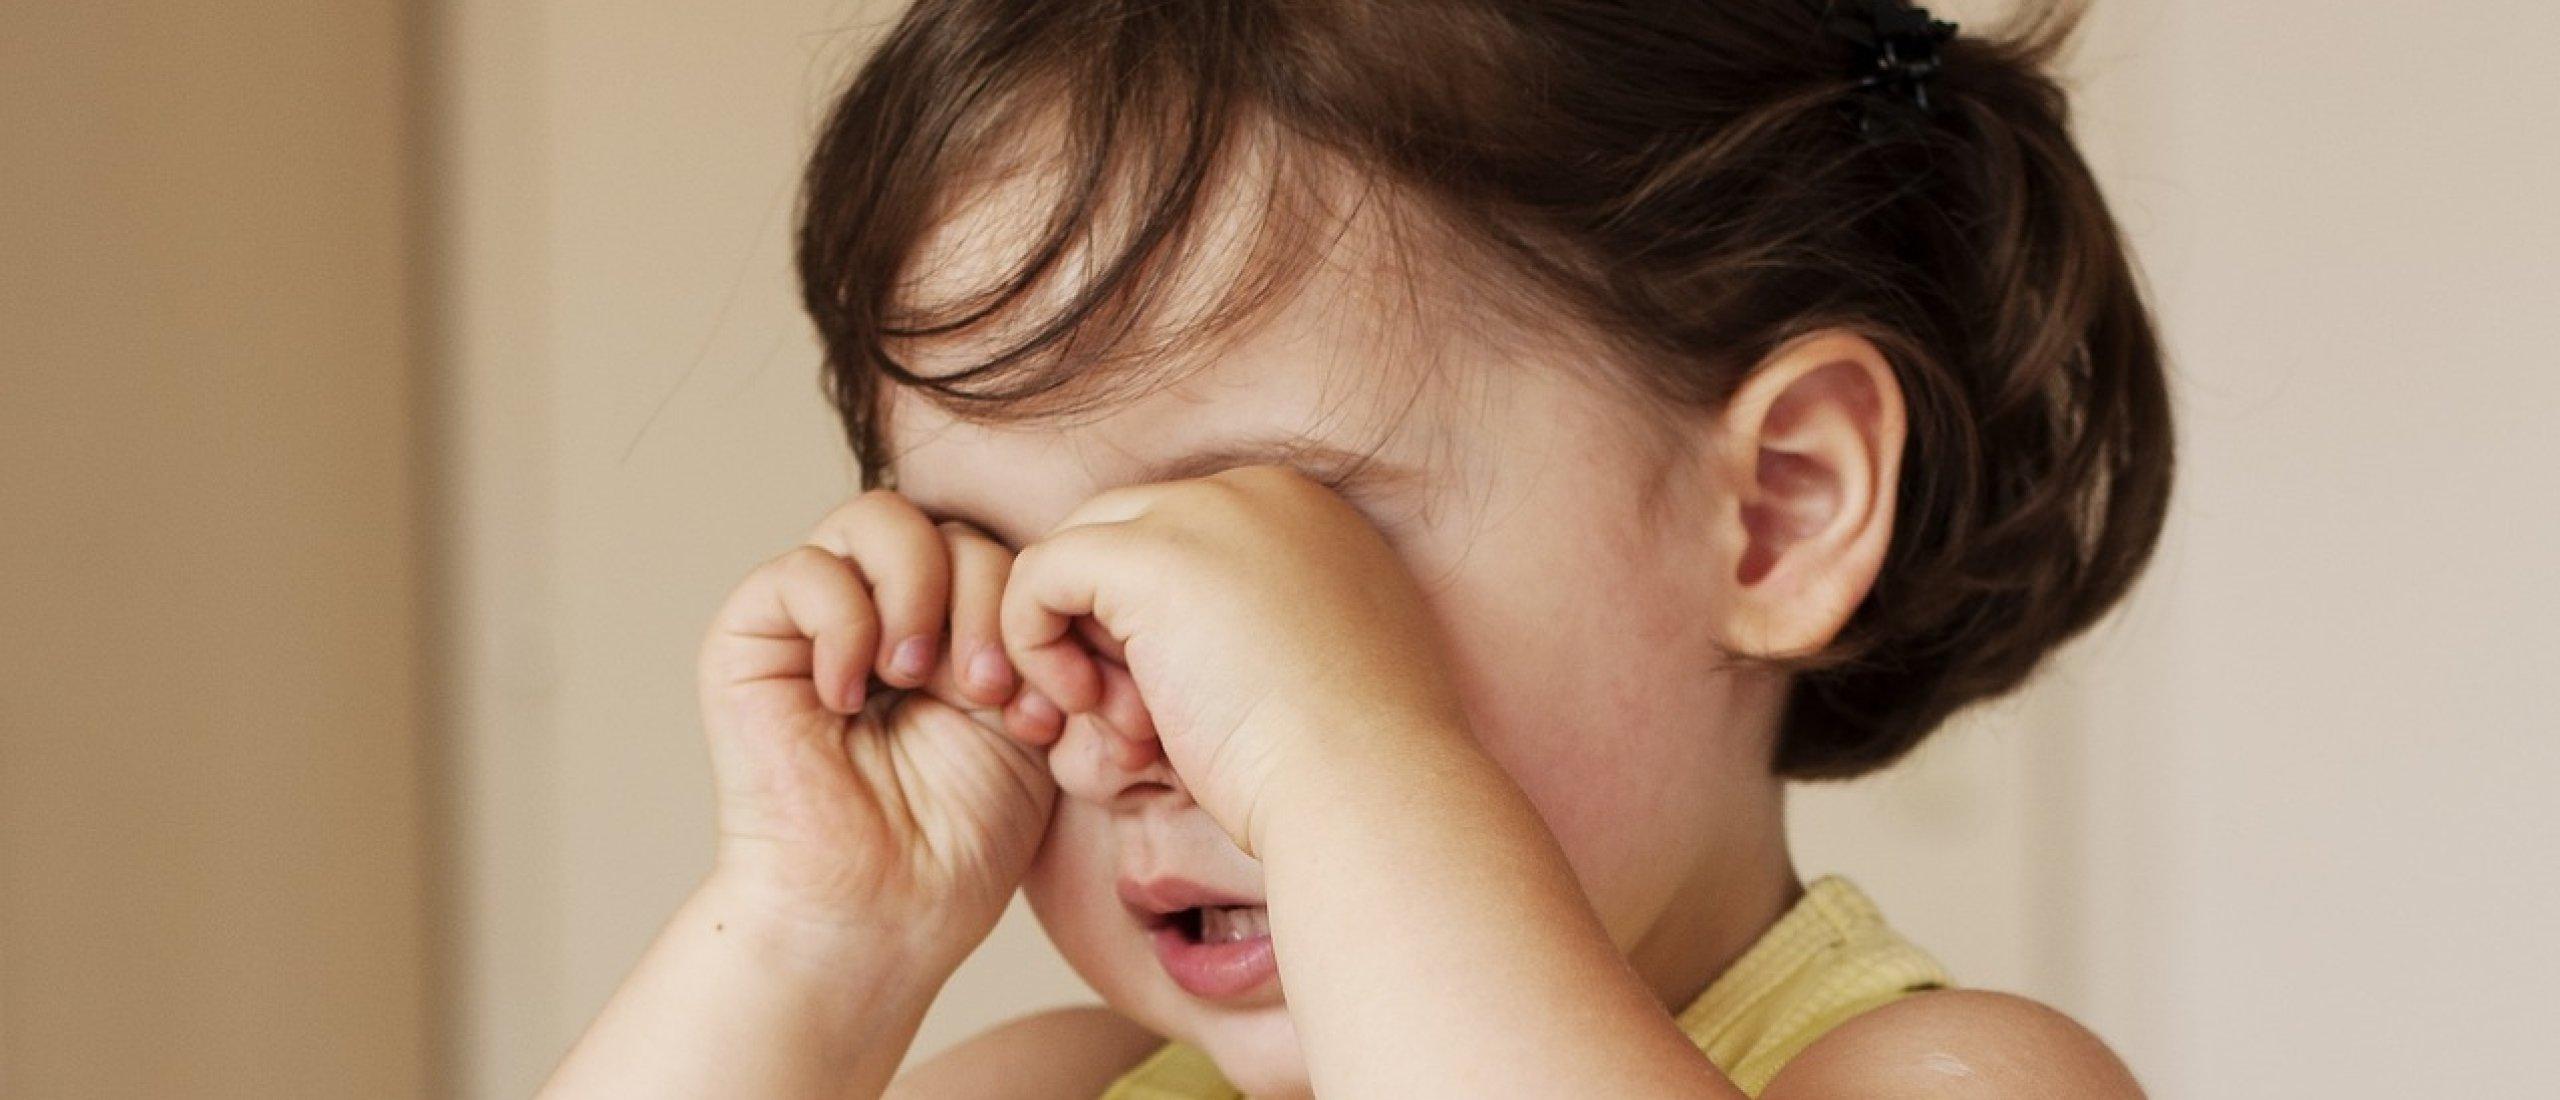 Nachtmerrie bij je kind: oorzaak, voorkomen en troosten